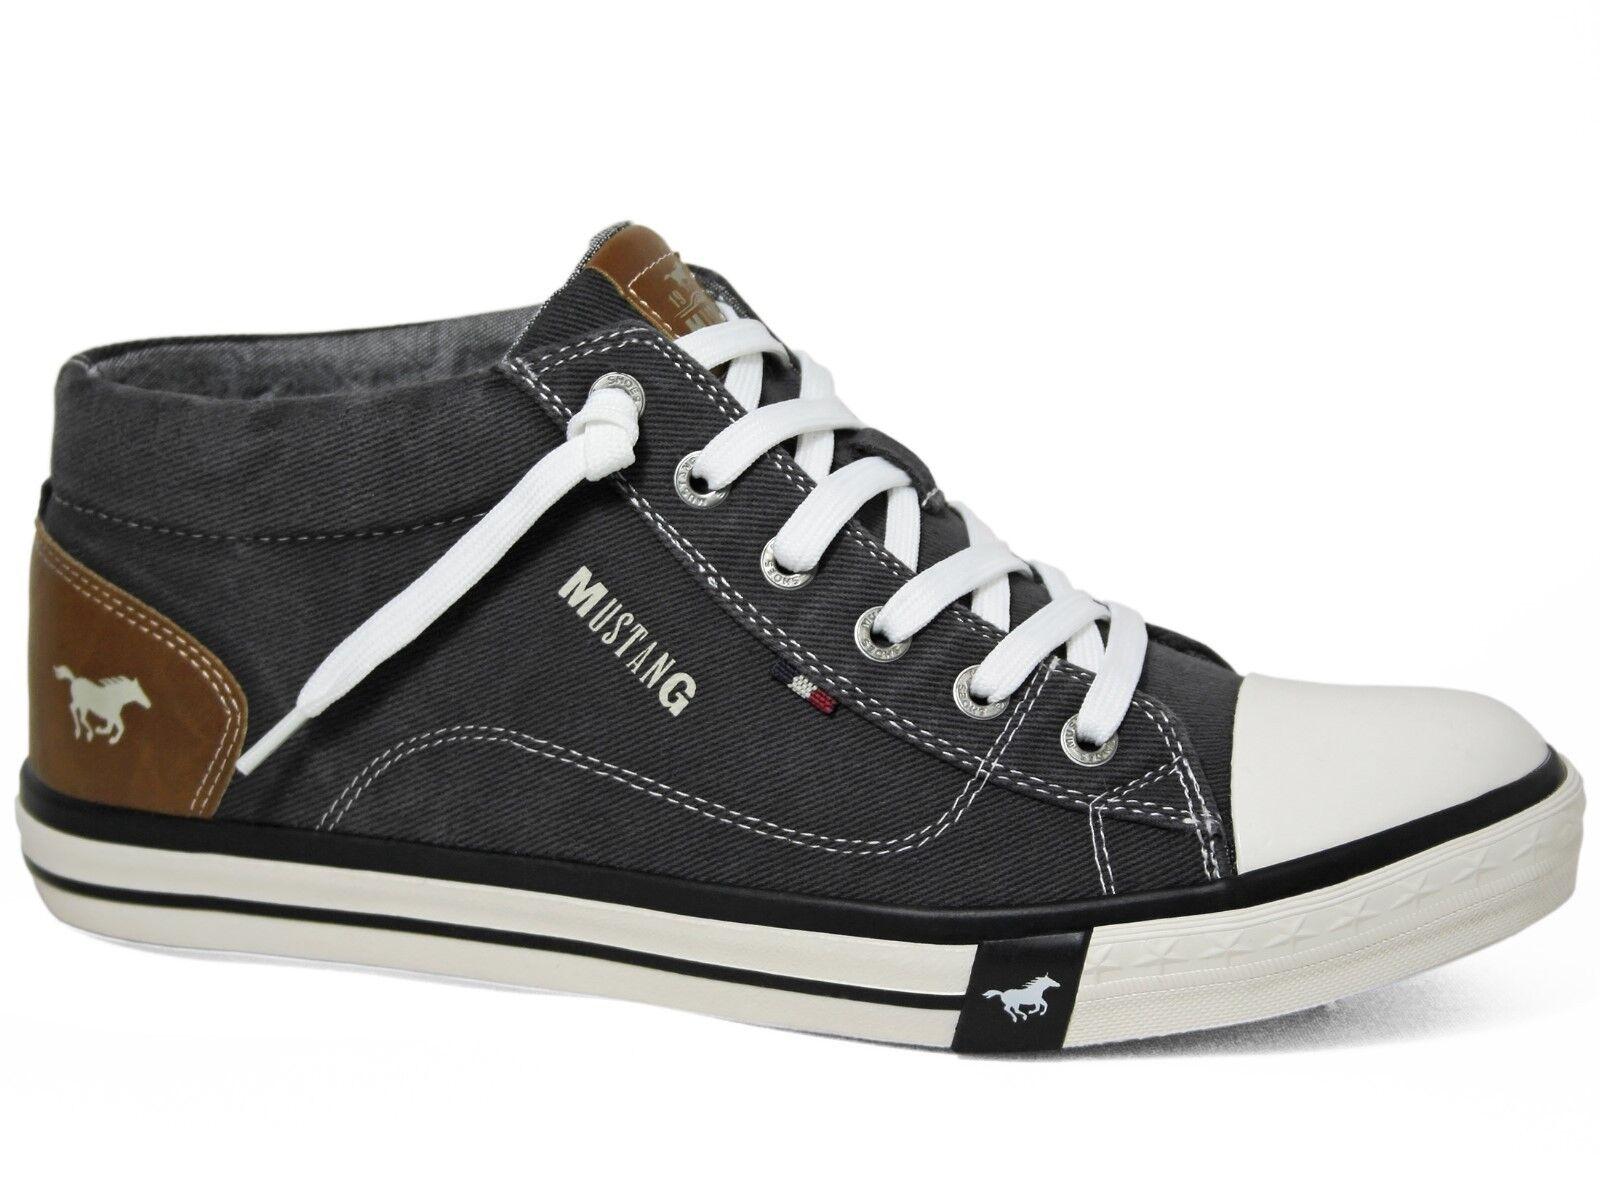 Mustang Herren Mid Slip-On Booty Canvas Sneakers Schwarz Black 4072-505-9 Schuh